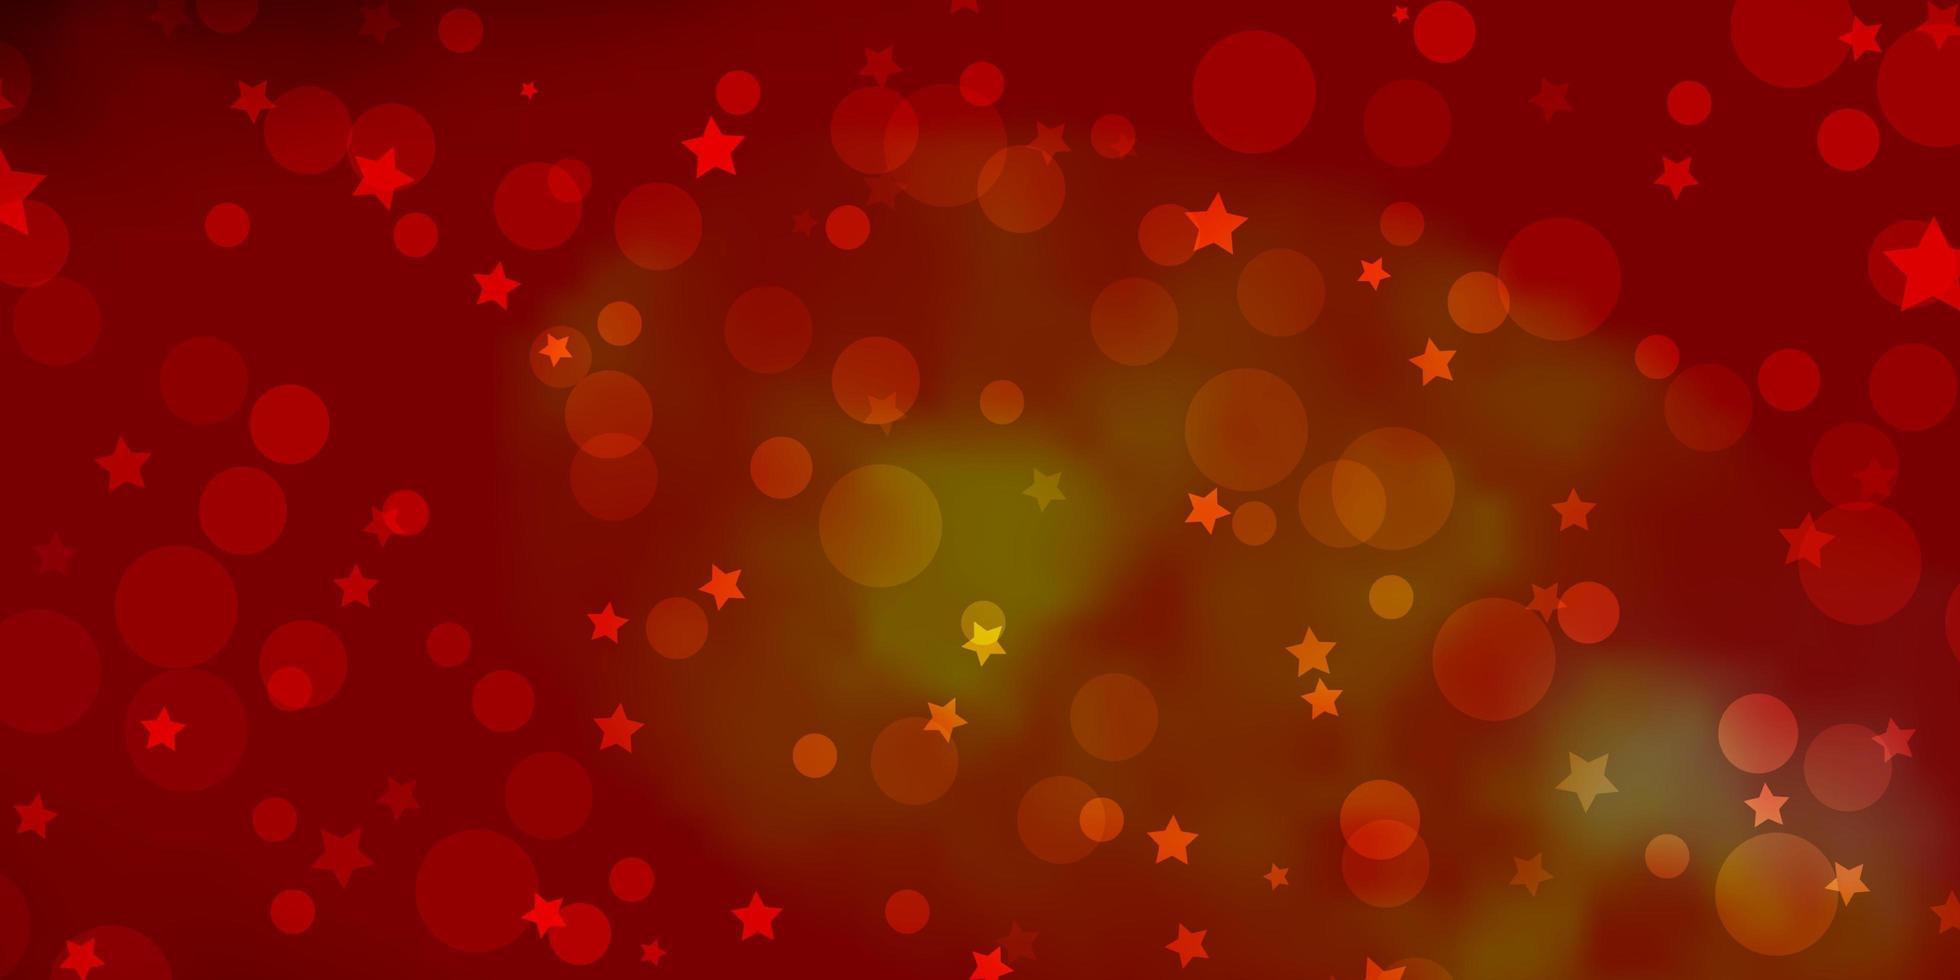 rood en geel patroon met cirkels, sterren. vector